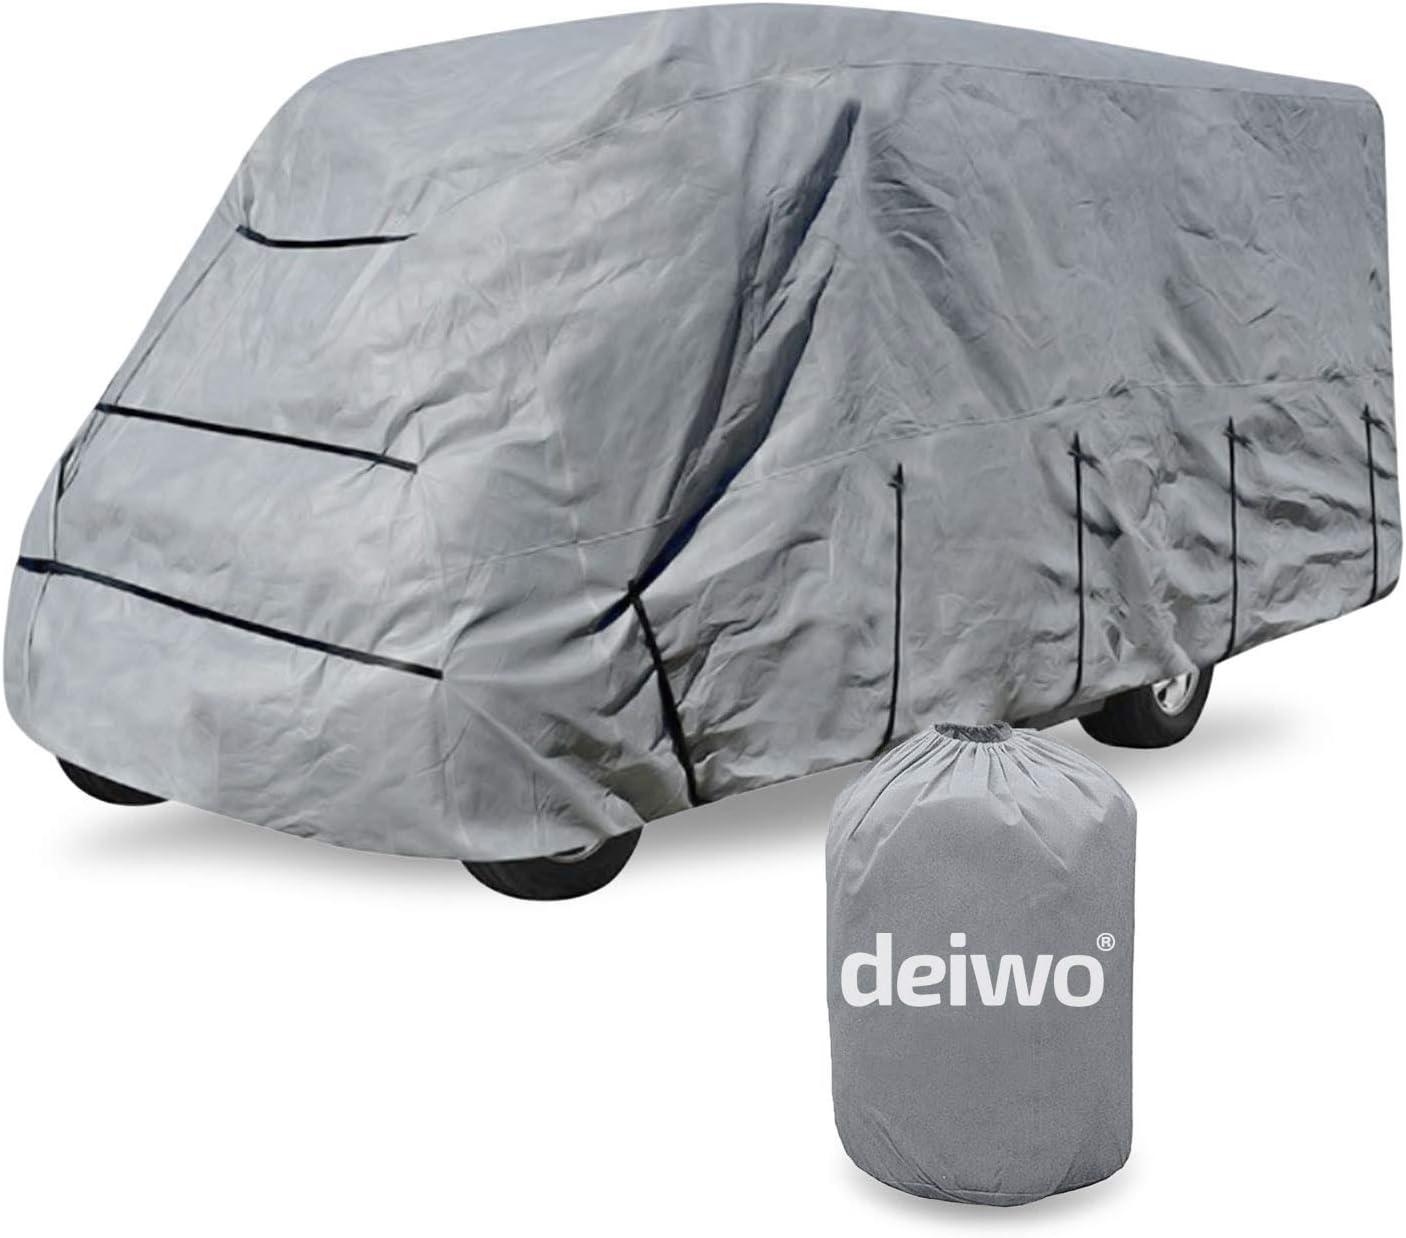 Deiwo Wohnmobil Schutzhülle 235 X 600 X 270 Cm 3 Schicht 160g Quadratmeter Auto